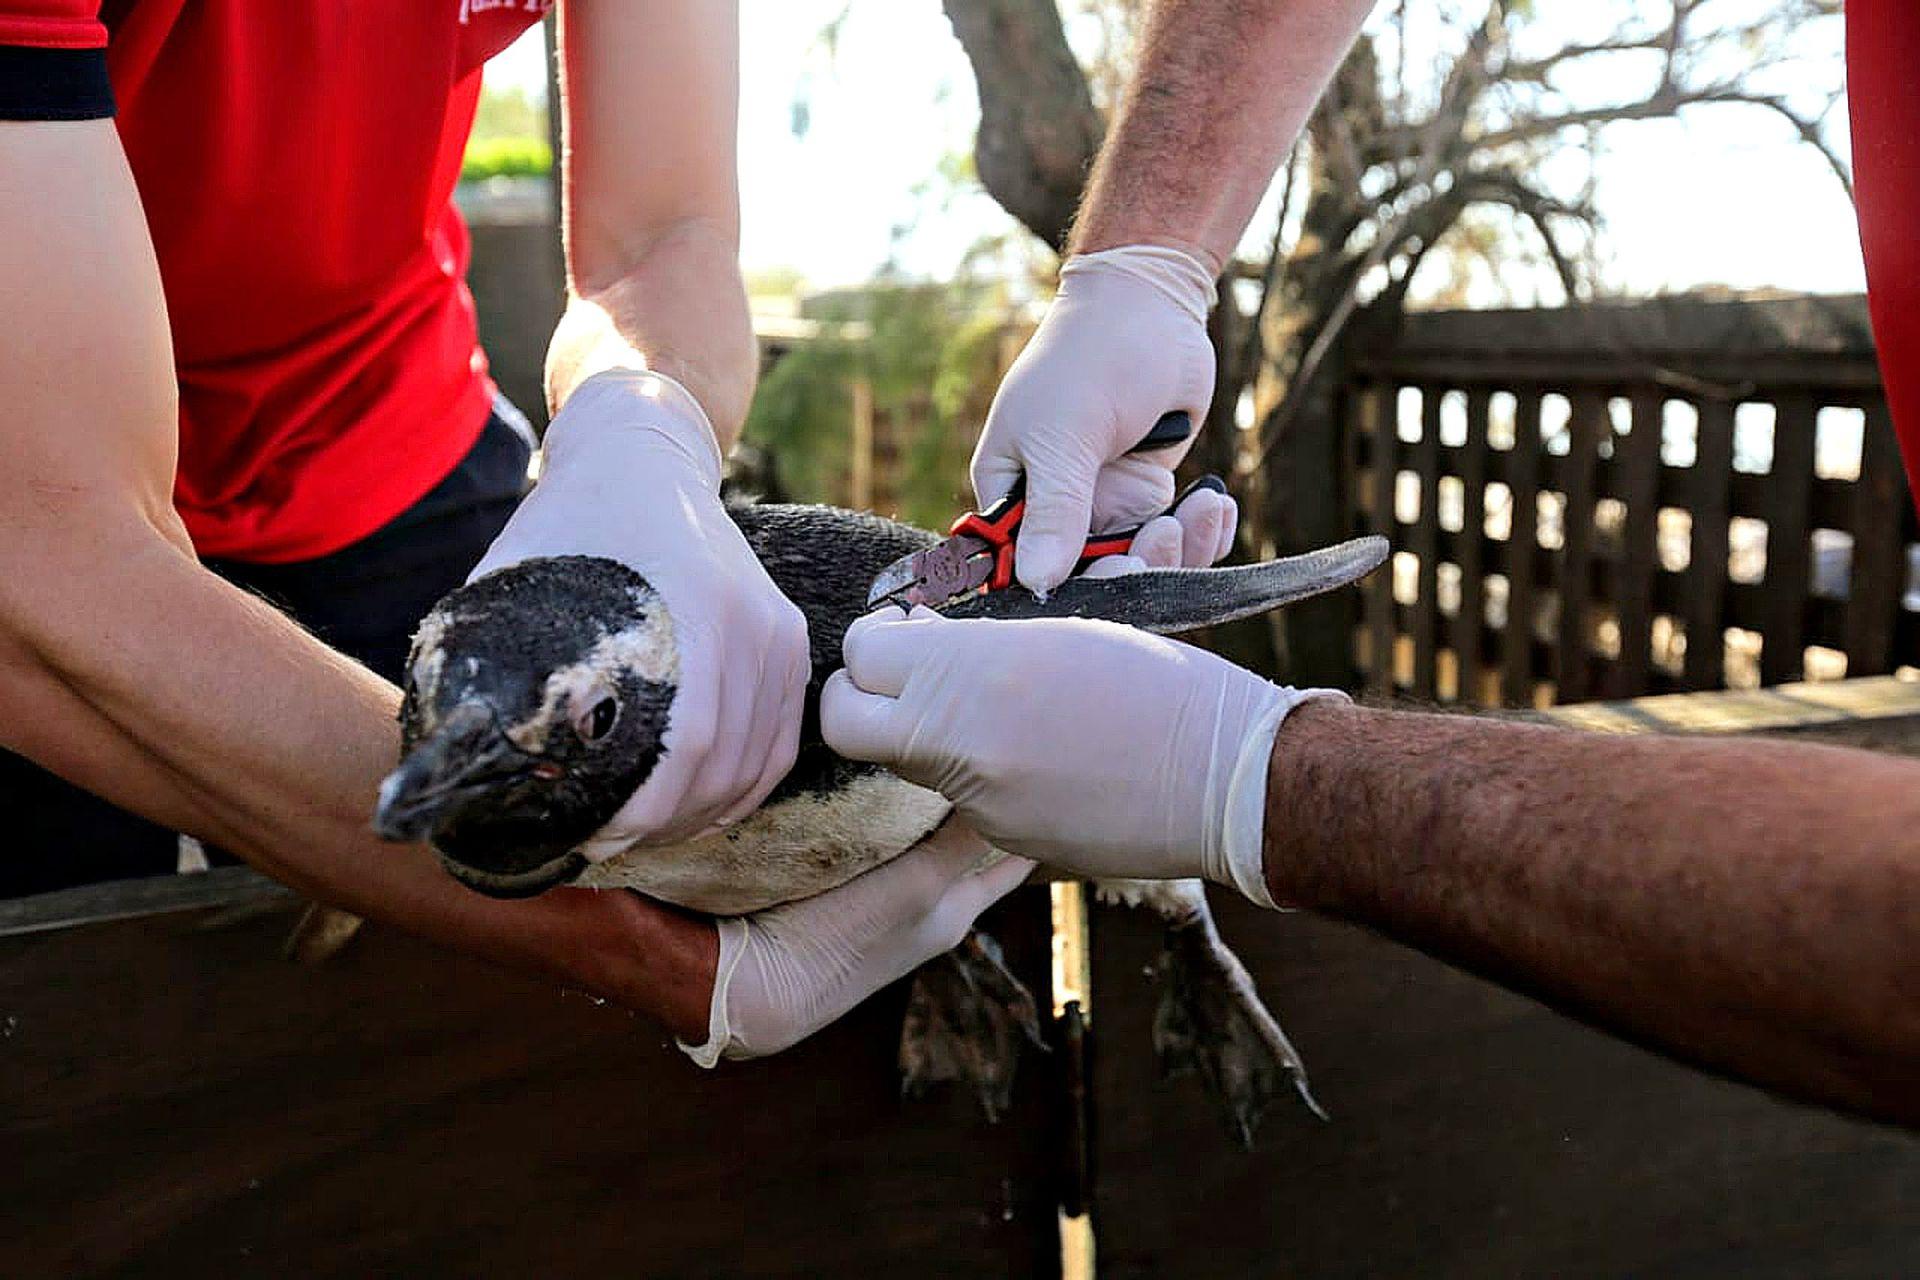 Esta especie de pingüino esta presente año tras año en nuestras costas durante sus migraciones y muchos de ellos suelen presentar problemas relacionados con la ingestión de basura, la desnutrición y el empetrolamiento